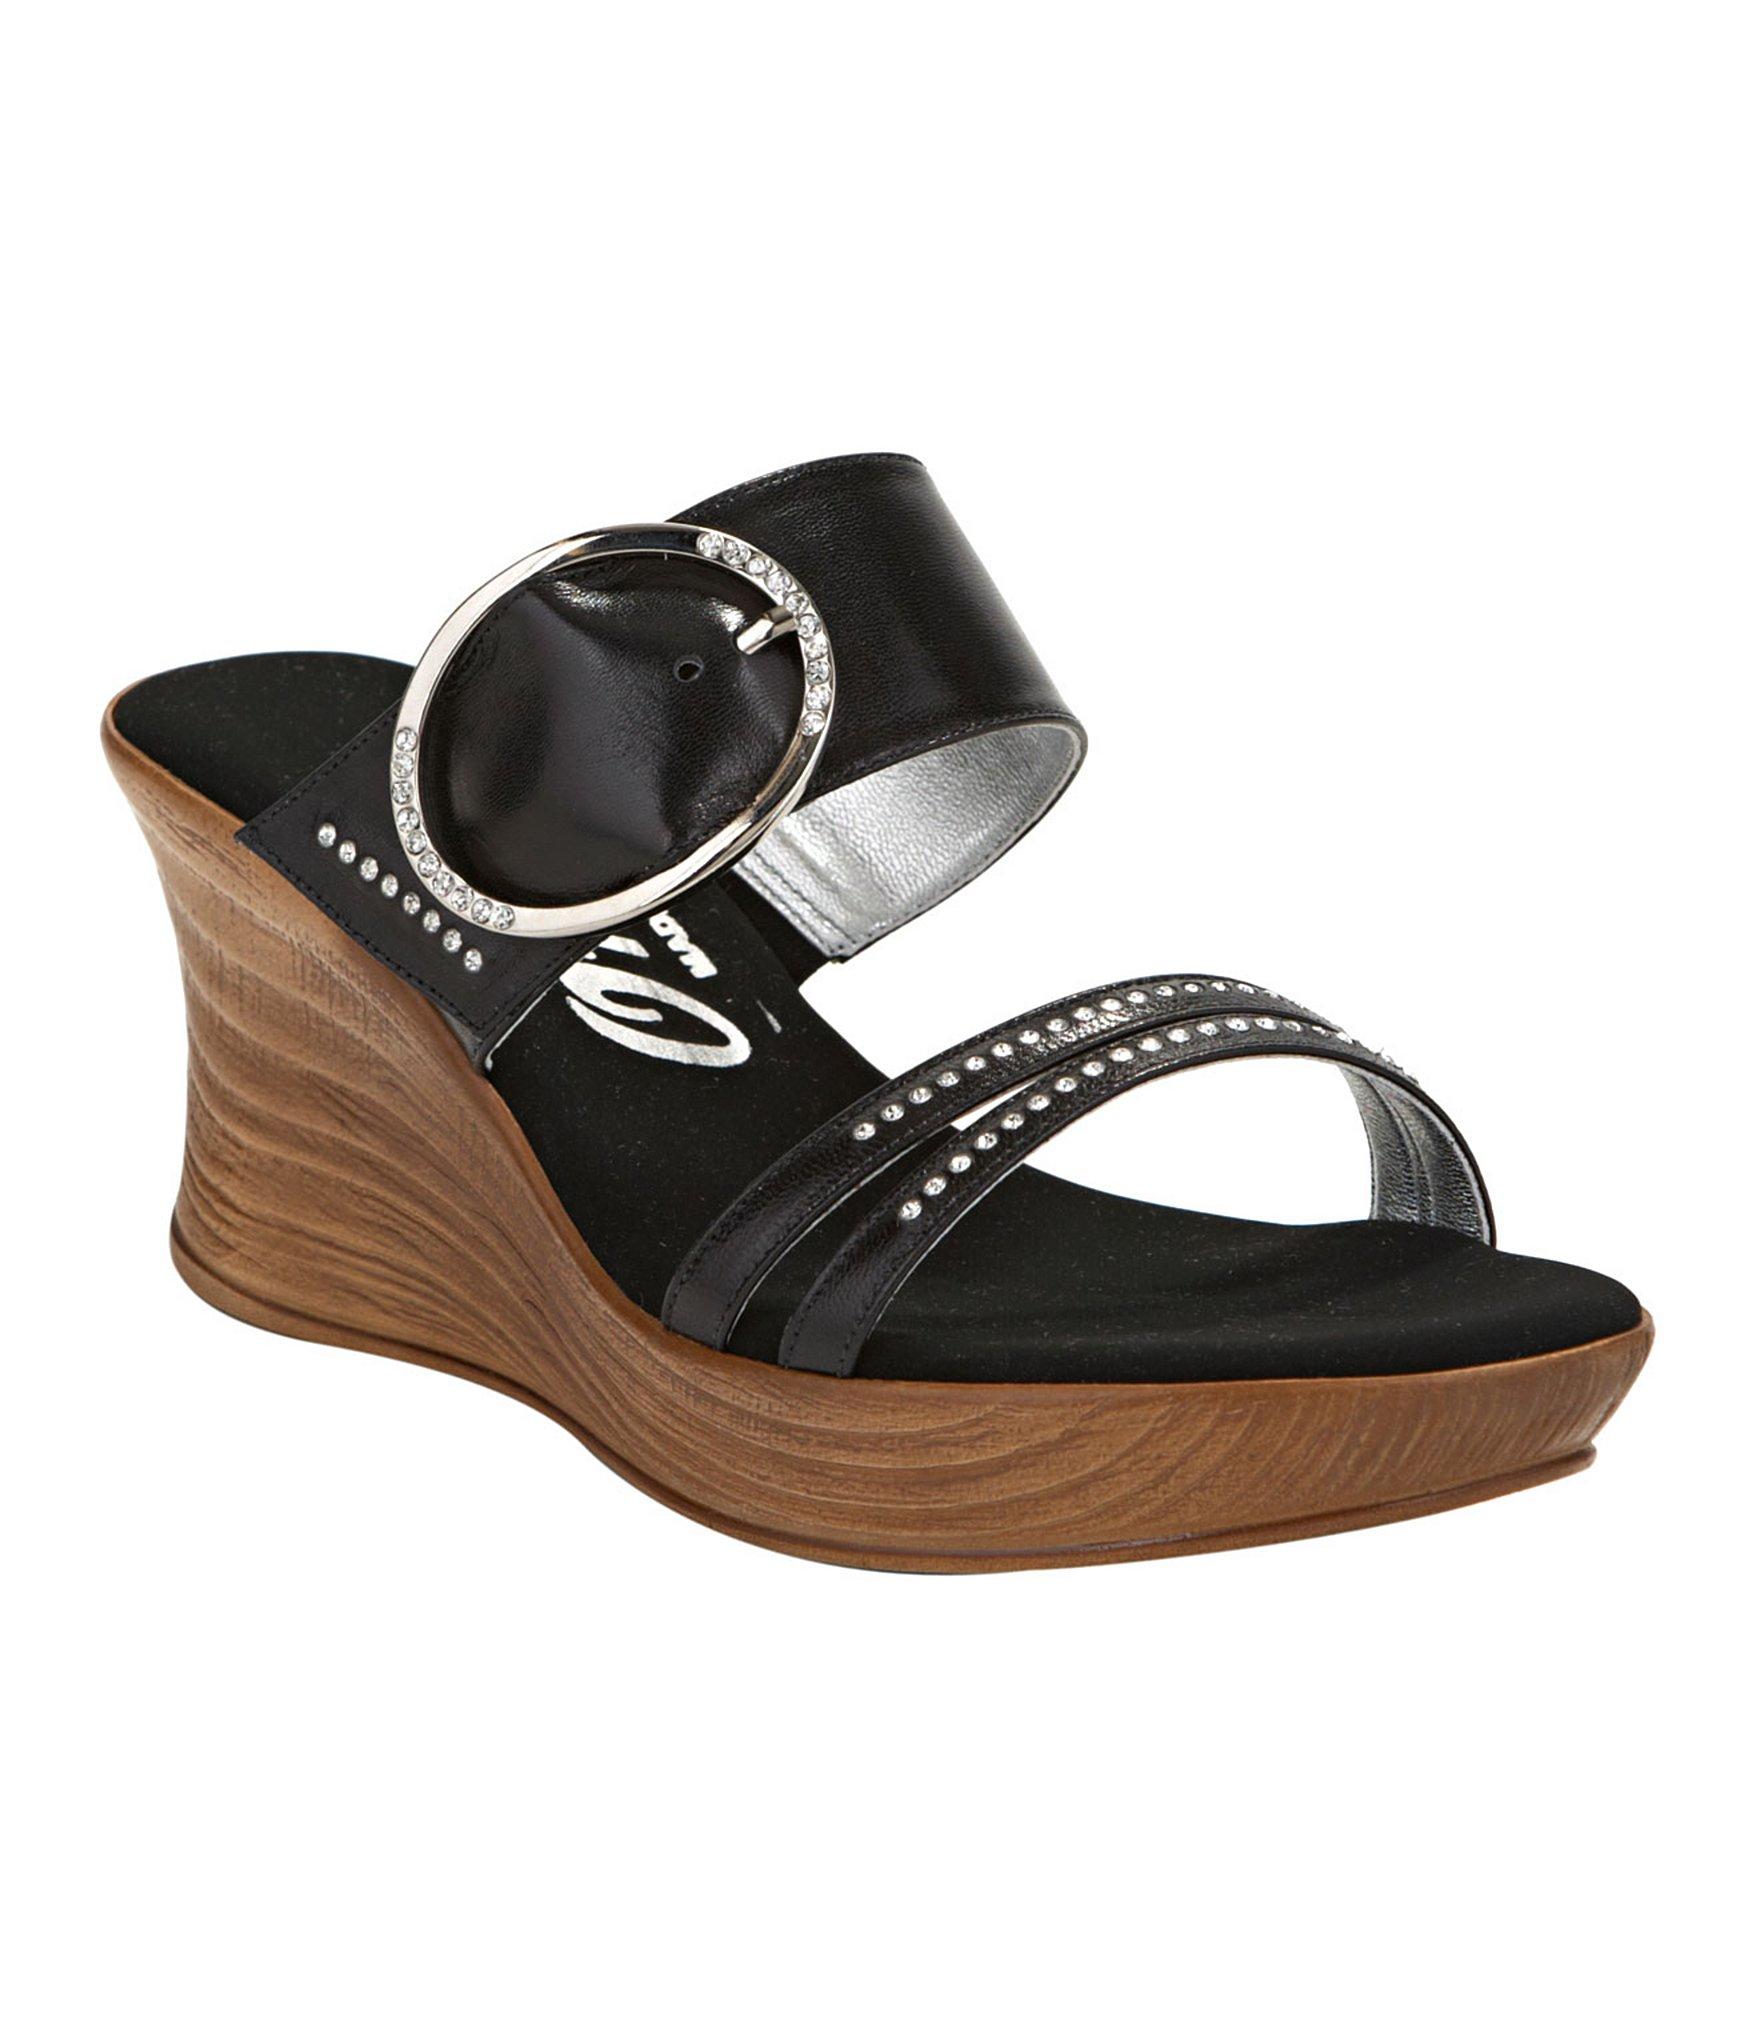 Onex Shoes Size